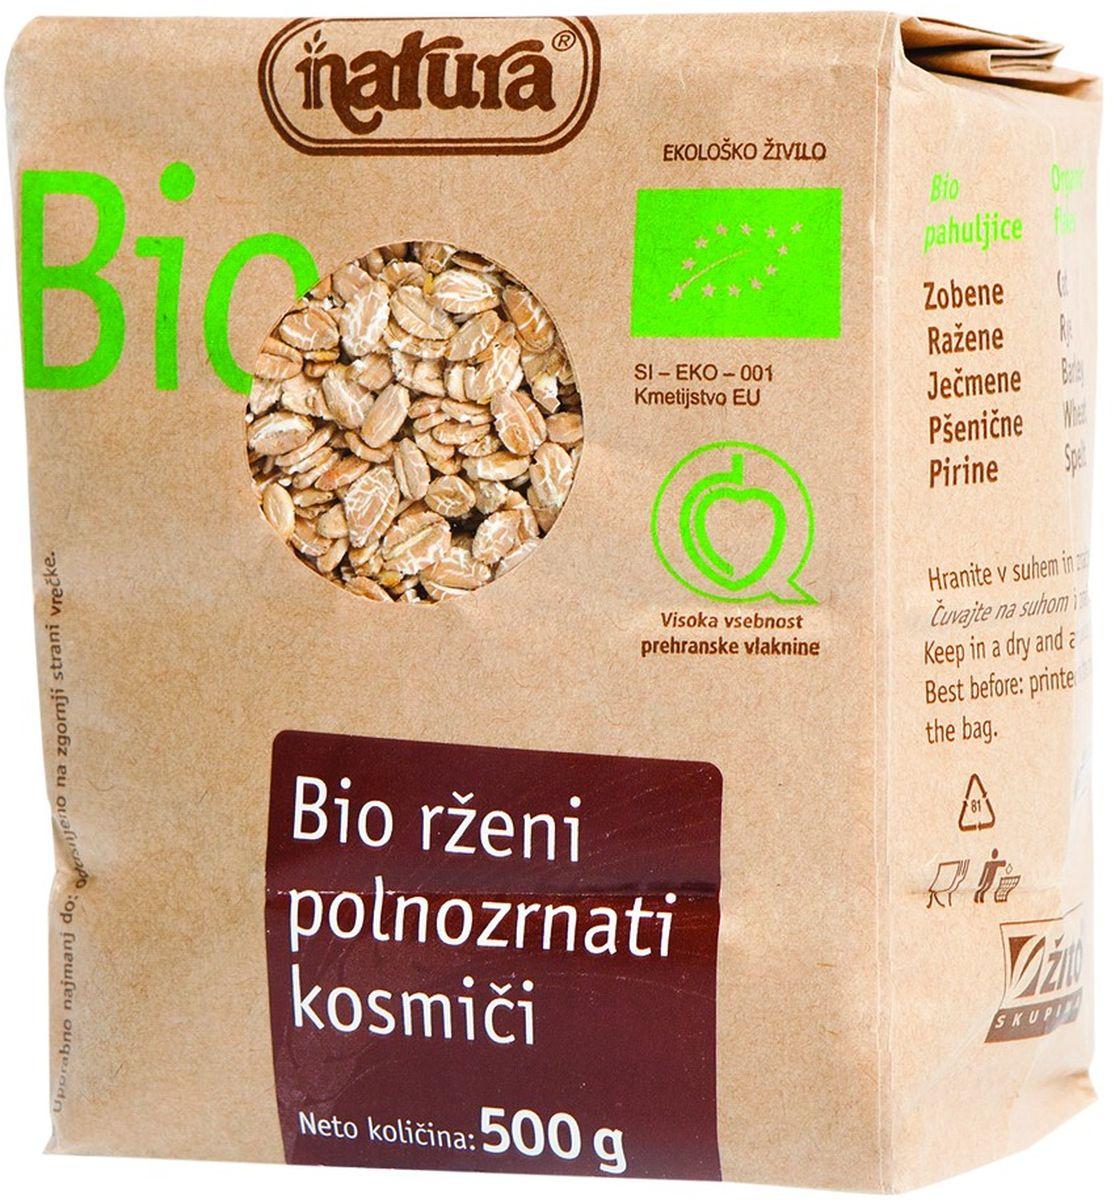 Zito Natura Bio Хлопья ржаные цельнозерновые, 500 г3400205Рожь – это злак родом из северной Европы. Он хорошо адаптируется и к регионам, менее подходящим для выращивания пшеницы.Органические продукты Natura имеют маркировку в соответствии с законодательством и европейскую экологическую маркировку сертифицированных органических продуктов питания, так как при их производстве не используются удобрения и распылители, запрещенные в органическом производстве и обработке. Органические продукты произведены под контролем SI - EKO - 001.Органические продукты Natura производятся в регионах, где природа пока еще живет своей жизнью. Они попадают на полки магазинов и на столы людей, выбирающих здоровое питание, в той же форме, в которой их создала природа: натуральными, питательными и здоровыми. Разнообразные натуральные зерна и семена обладают всеми свойствами злаков, полностью сохраняя, таким образом, свои полезные качества.